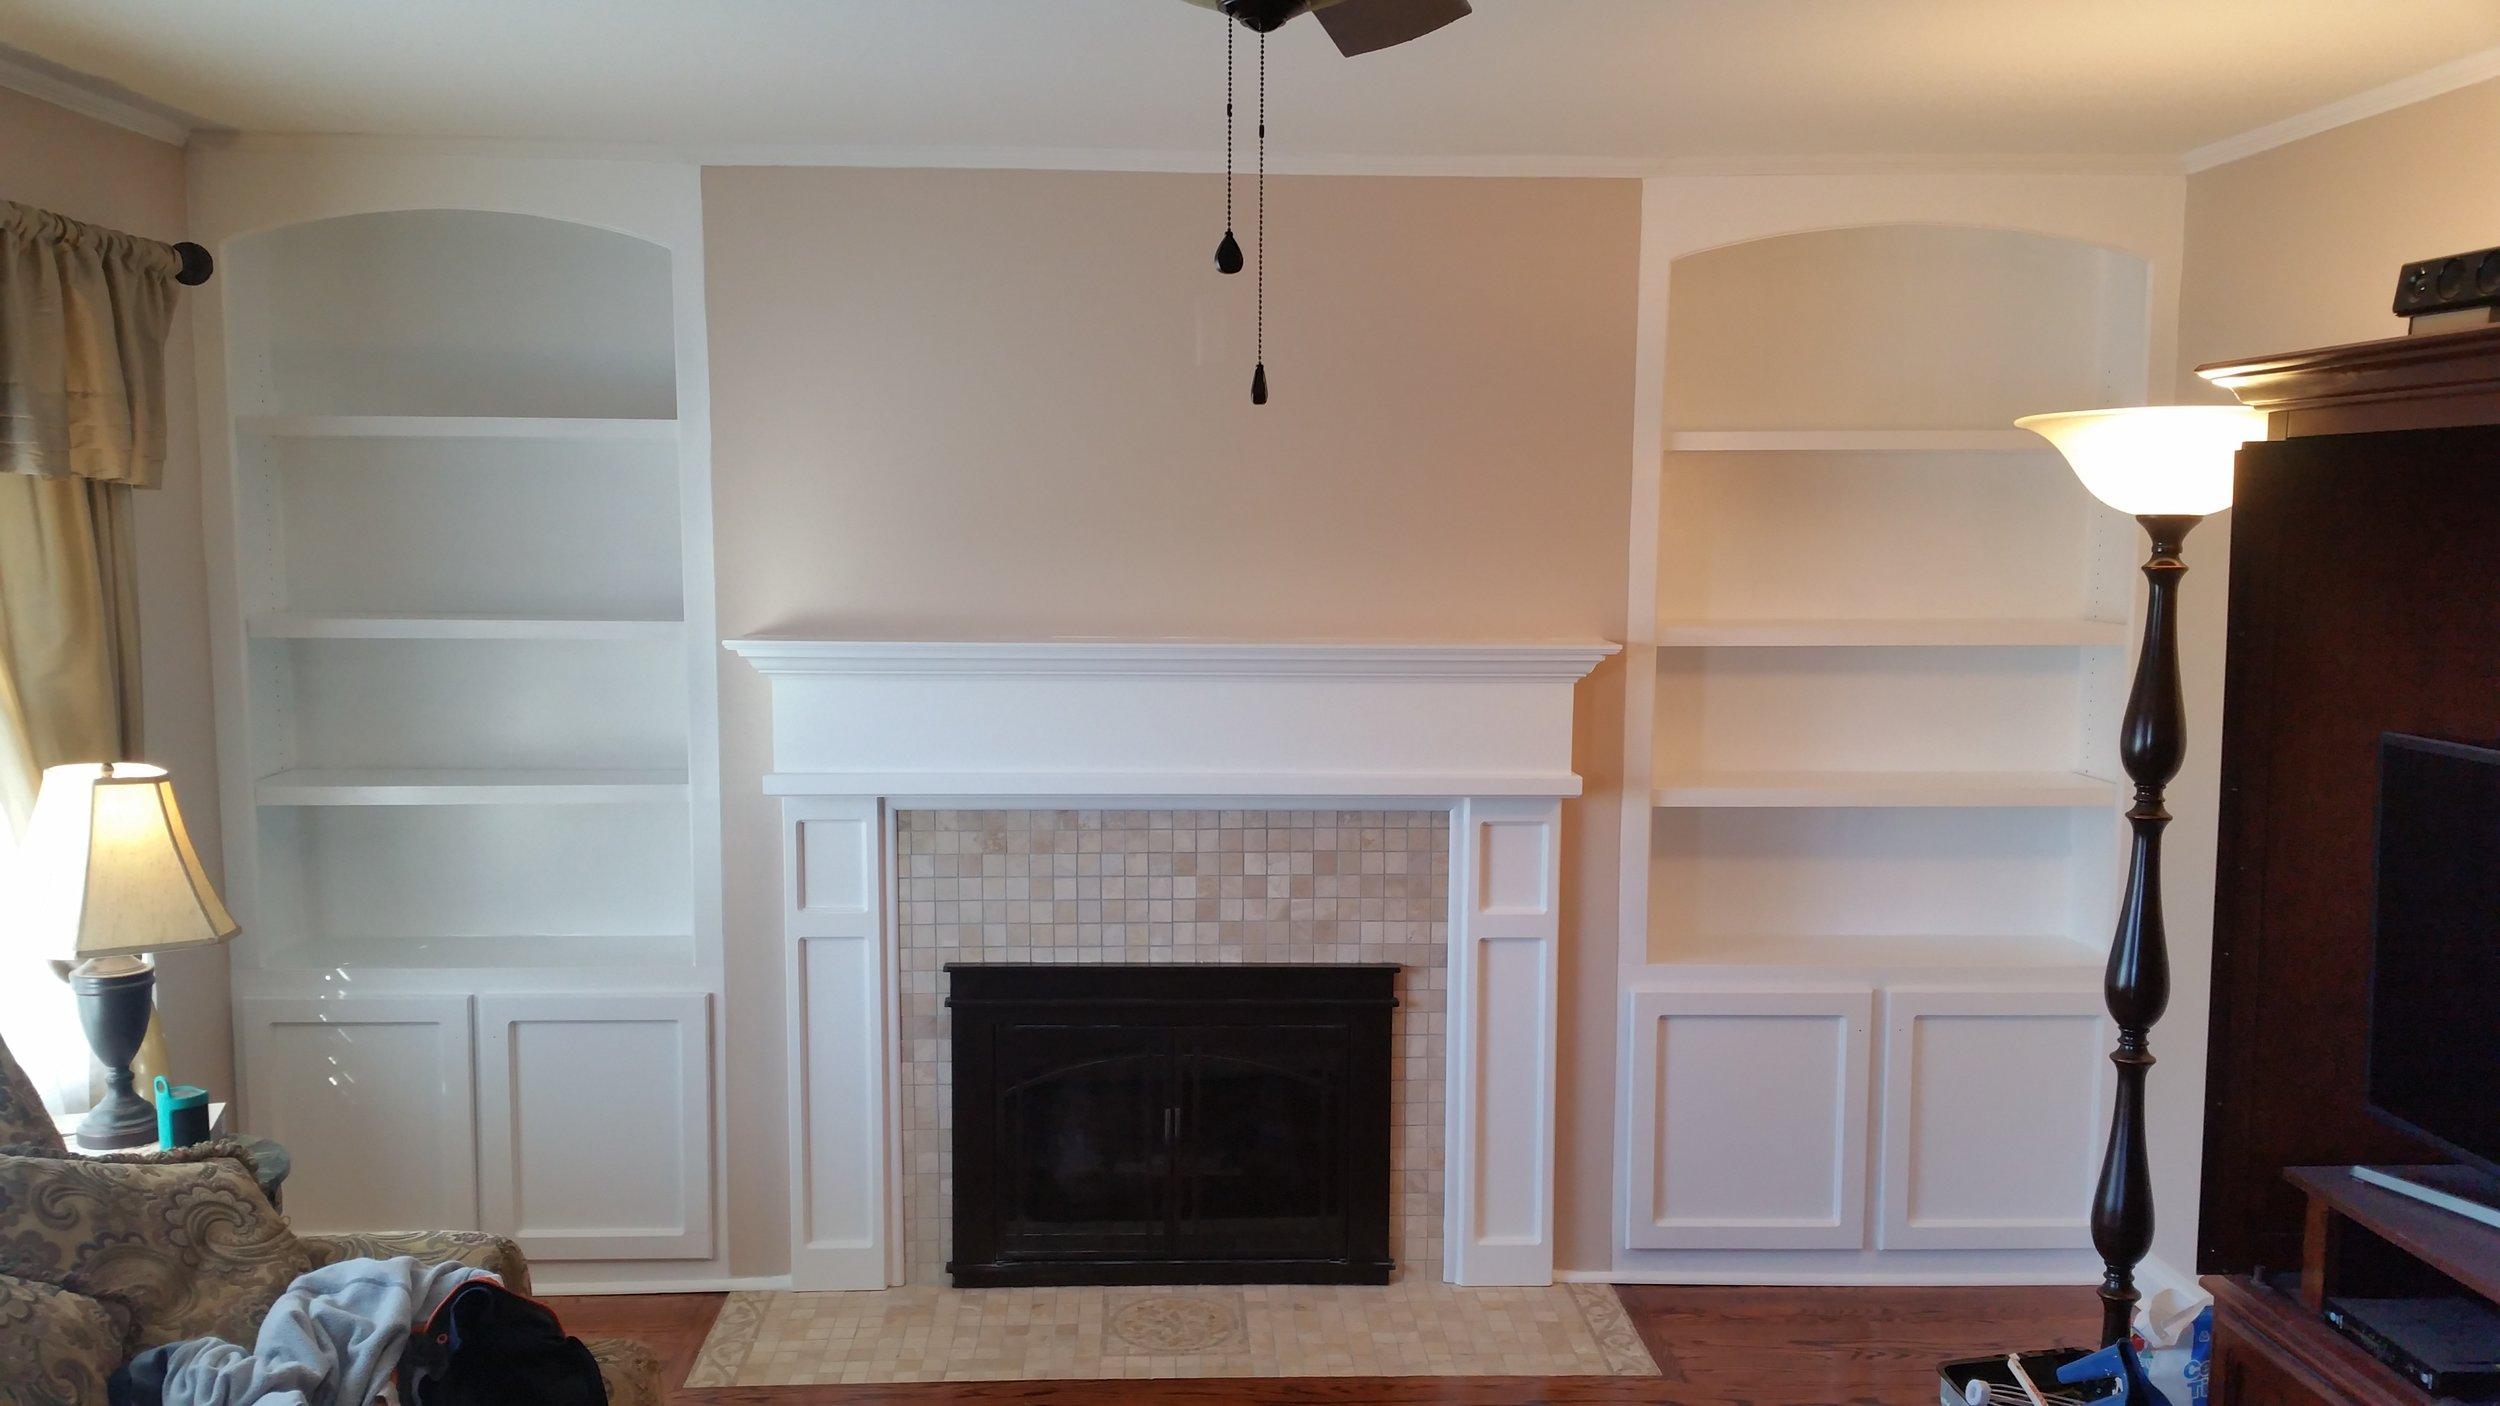 Living Room Makeover After